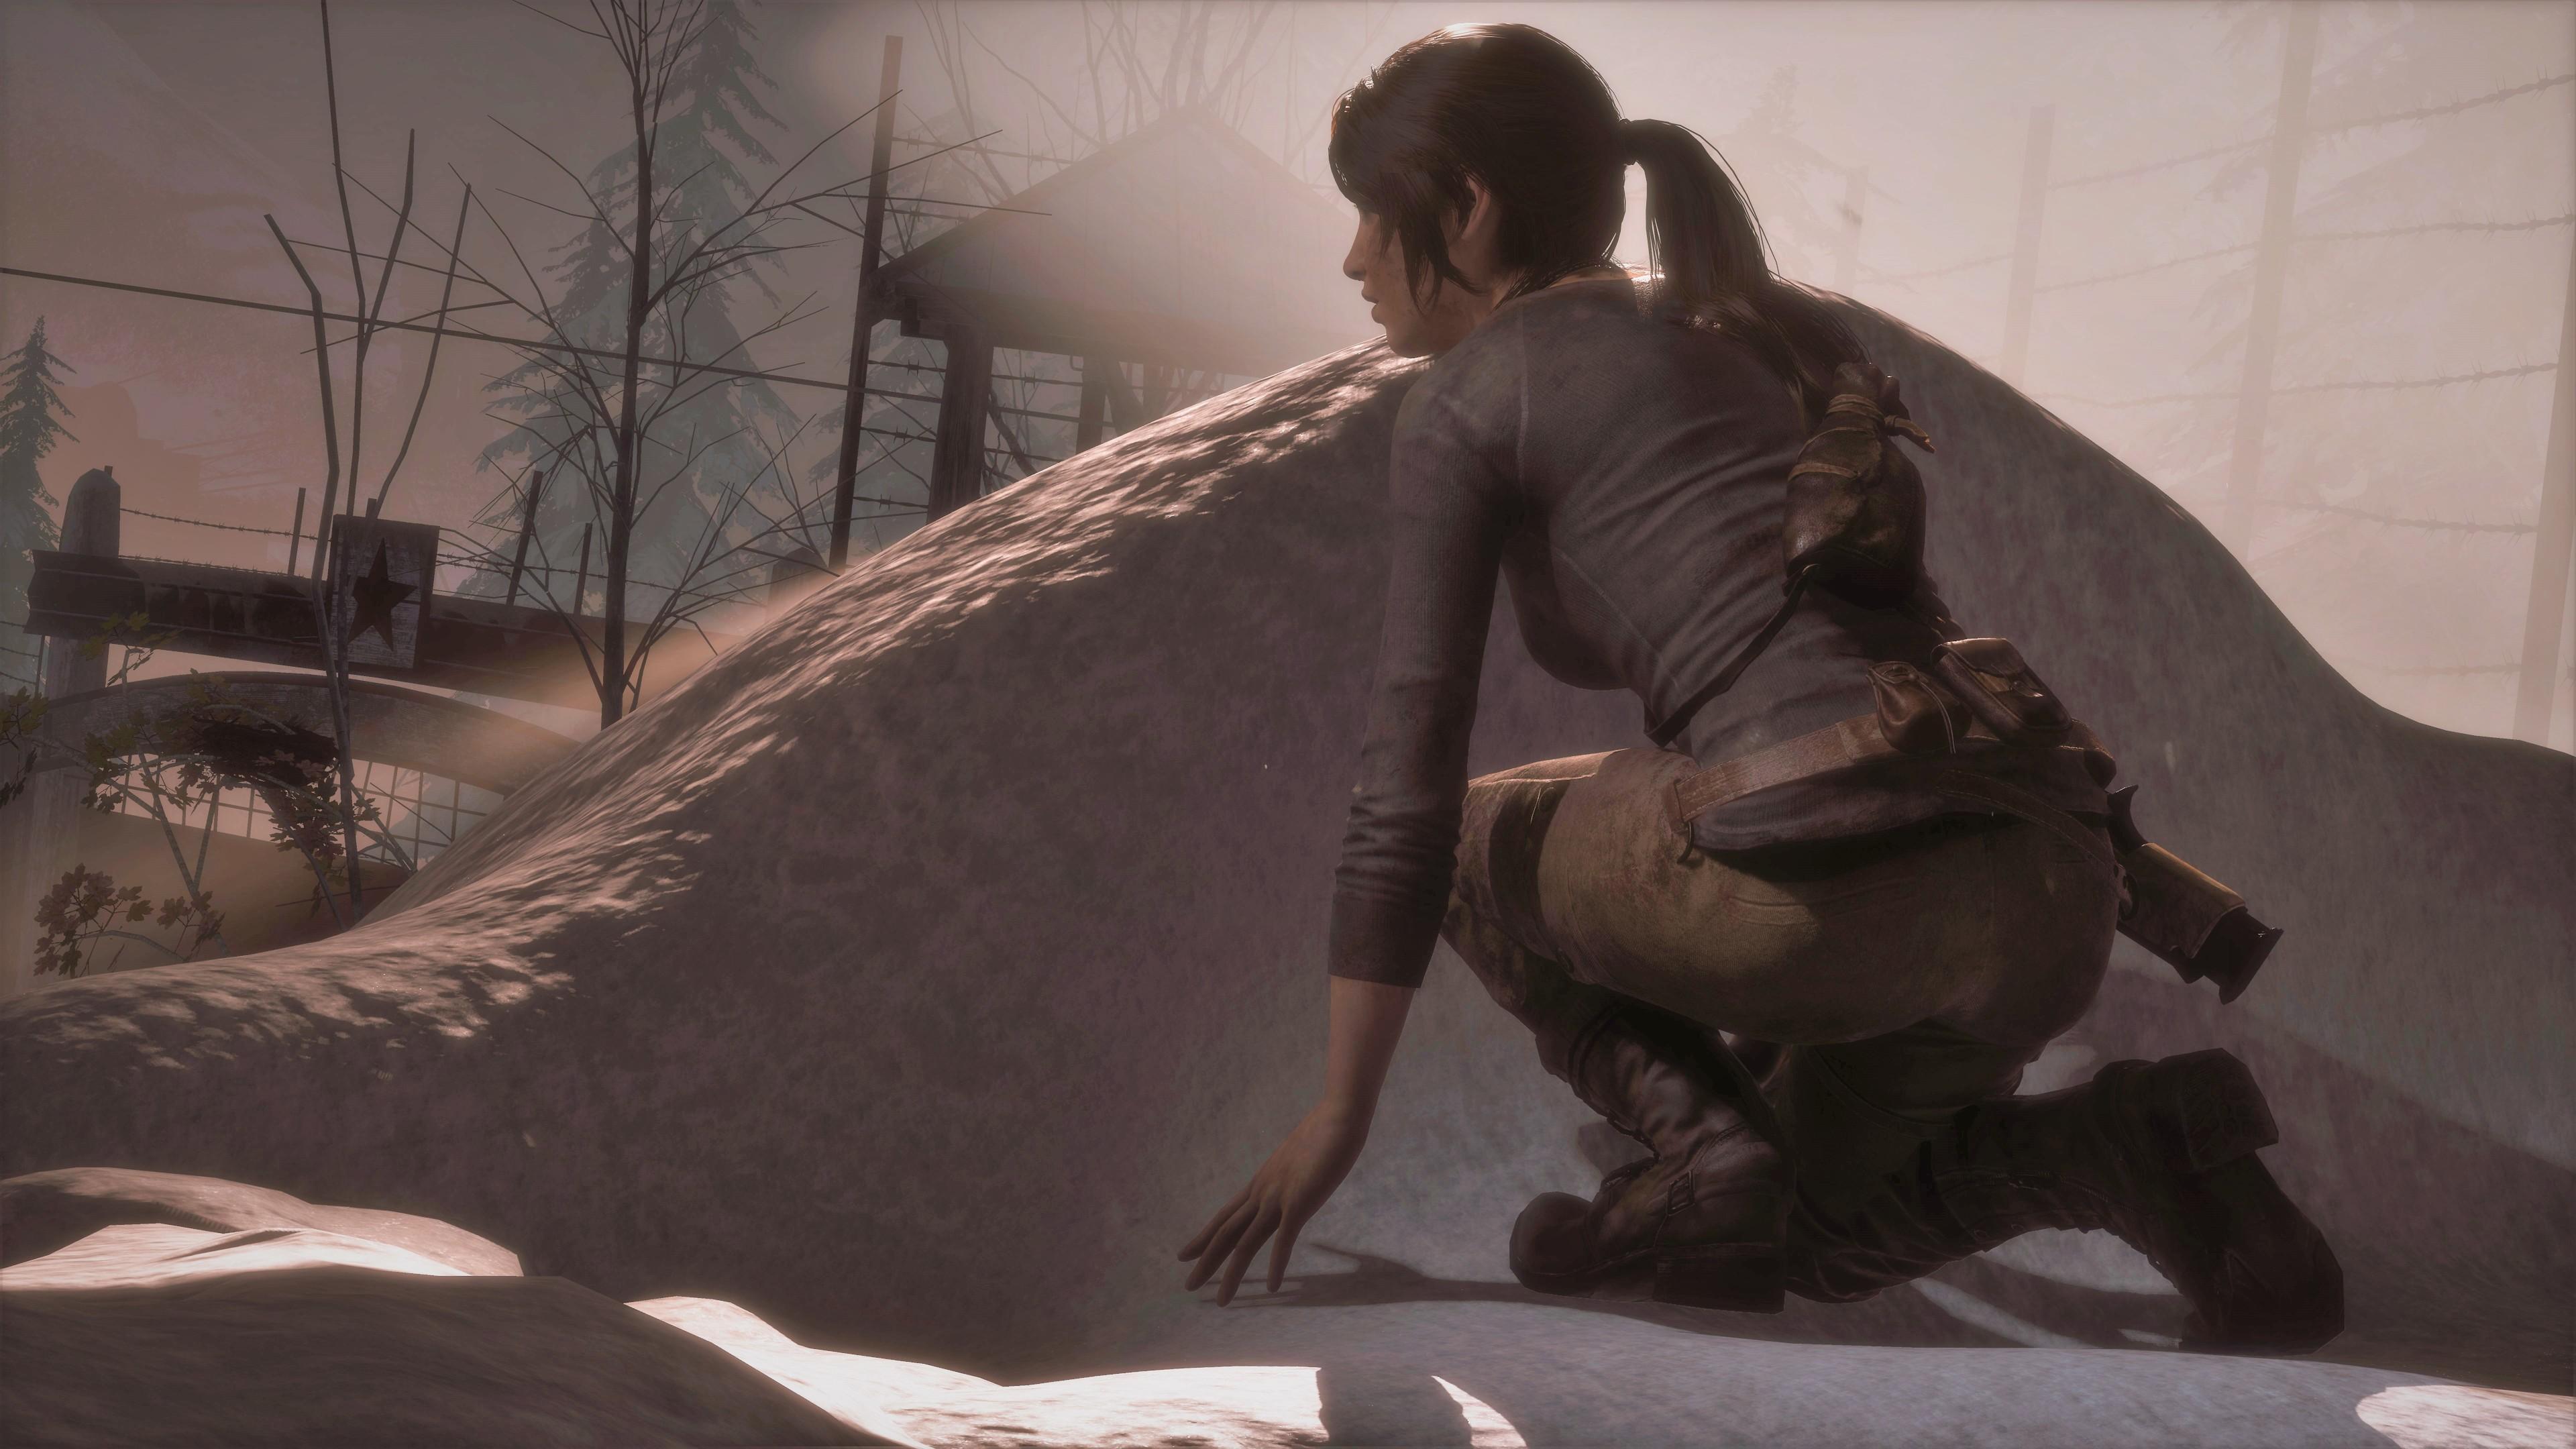 8k rise of the tomb raider 1537691099 - 8k Rise Of The Tomb Raider - xbox games wallpapers, tomb raider wallpapers, ps games wallpapers, pc games wallpapers, hd-wallpapers, games wallpapers, 8k wallpapers, 5k wallpapers, 4k-wallpapers